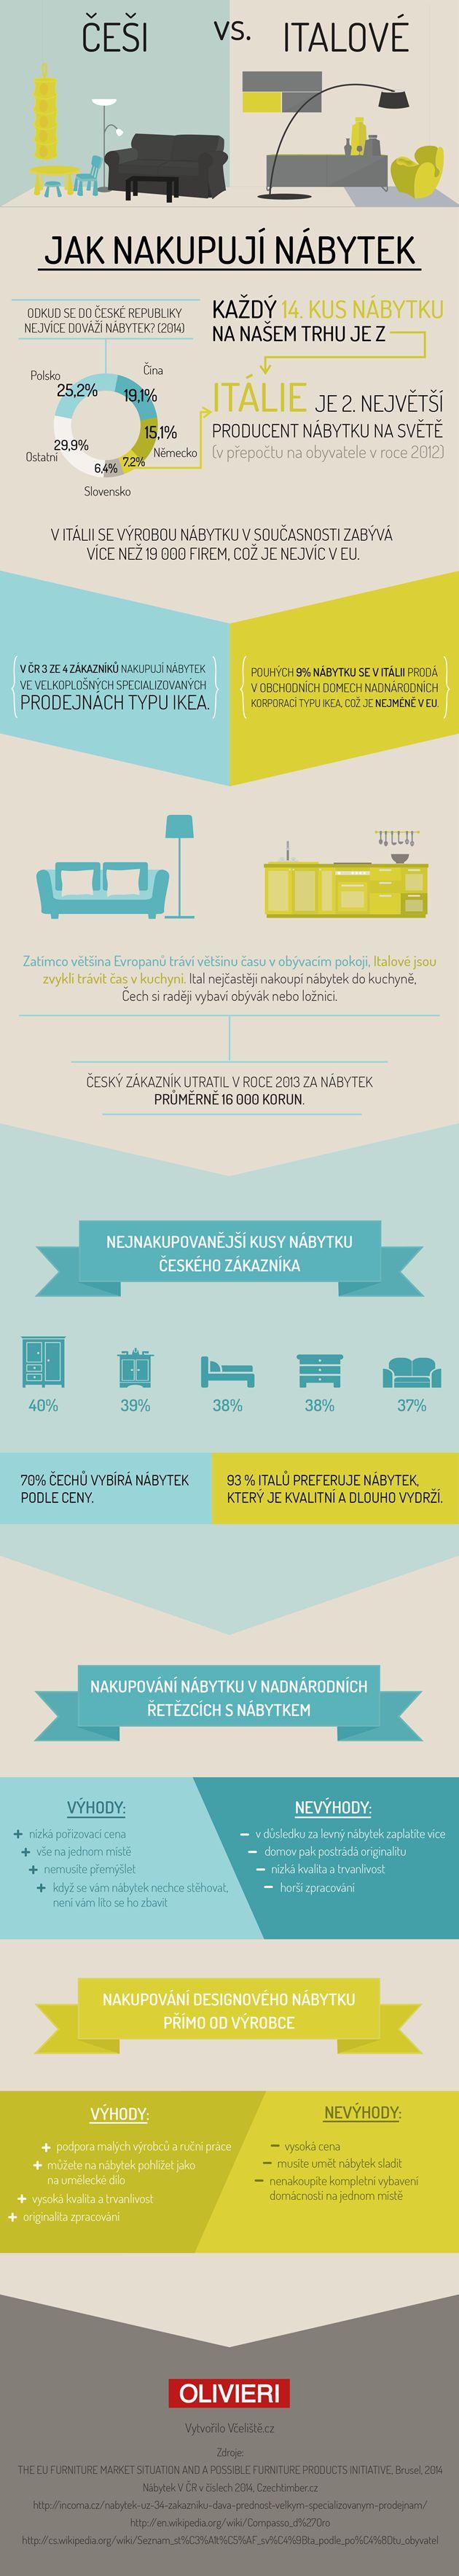 infografika - jak nakupují nábytek Češi a Italové